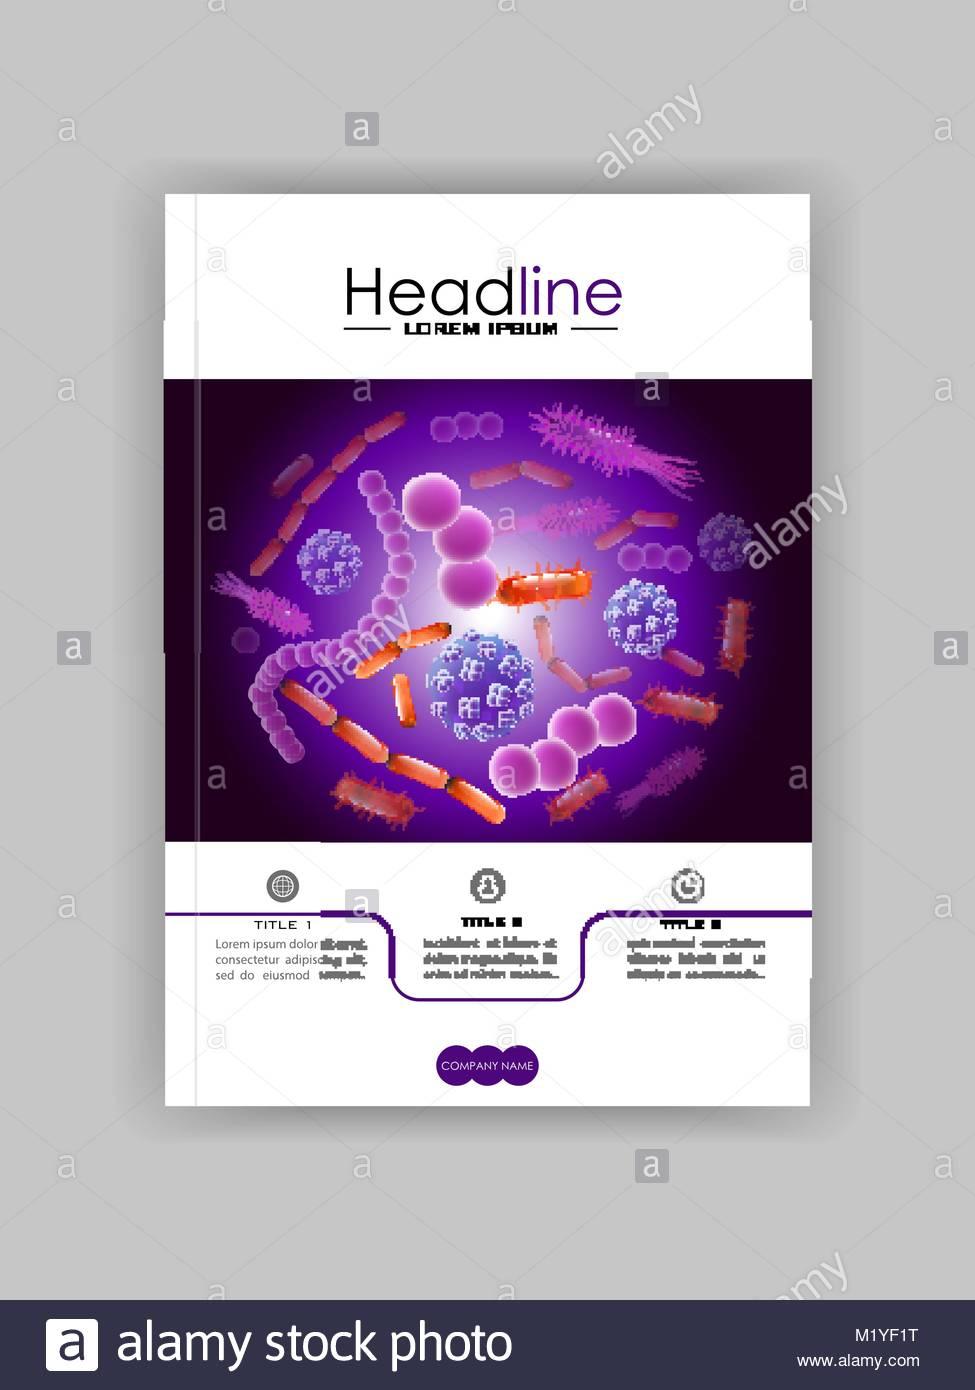 Nett Sitzung Poster Vorlage Fotos Beispielzusammenfassung Ideen